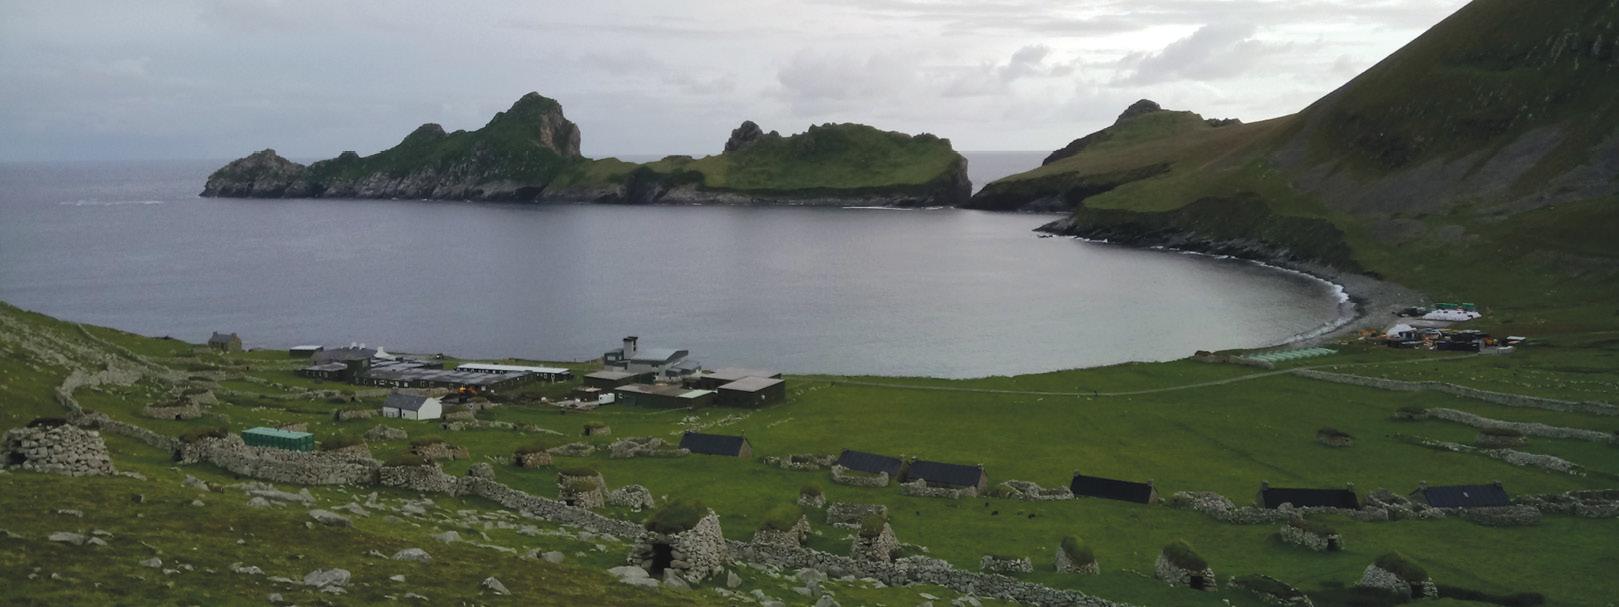 Illuminating St Kilda's Iron Age inhabitants